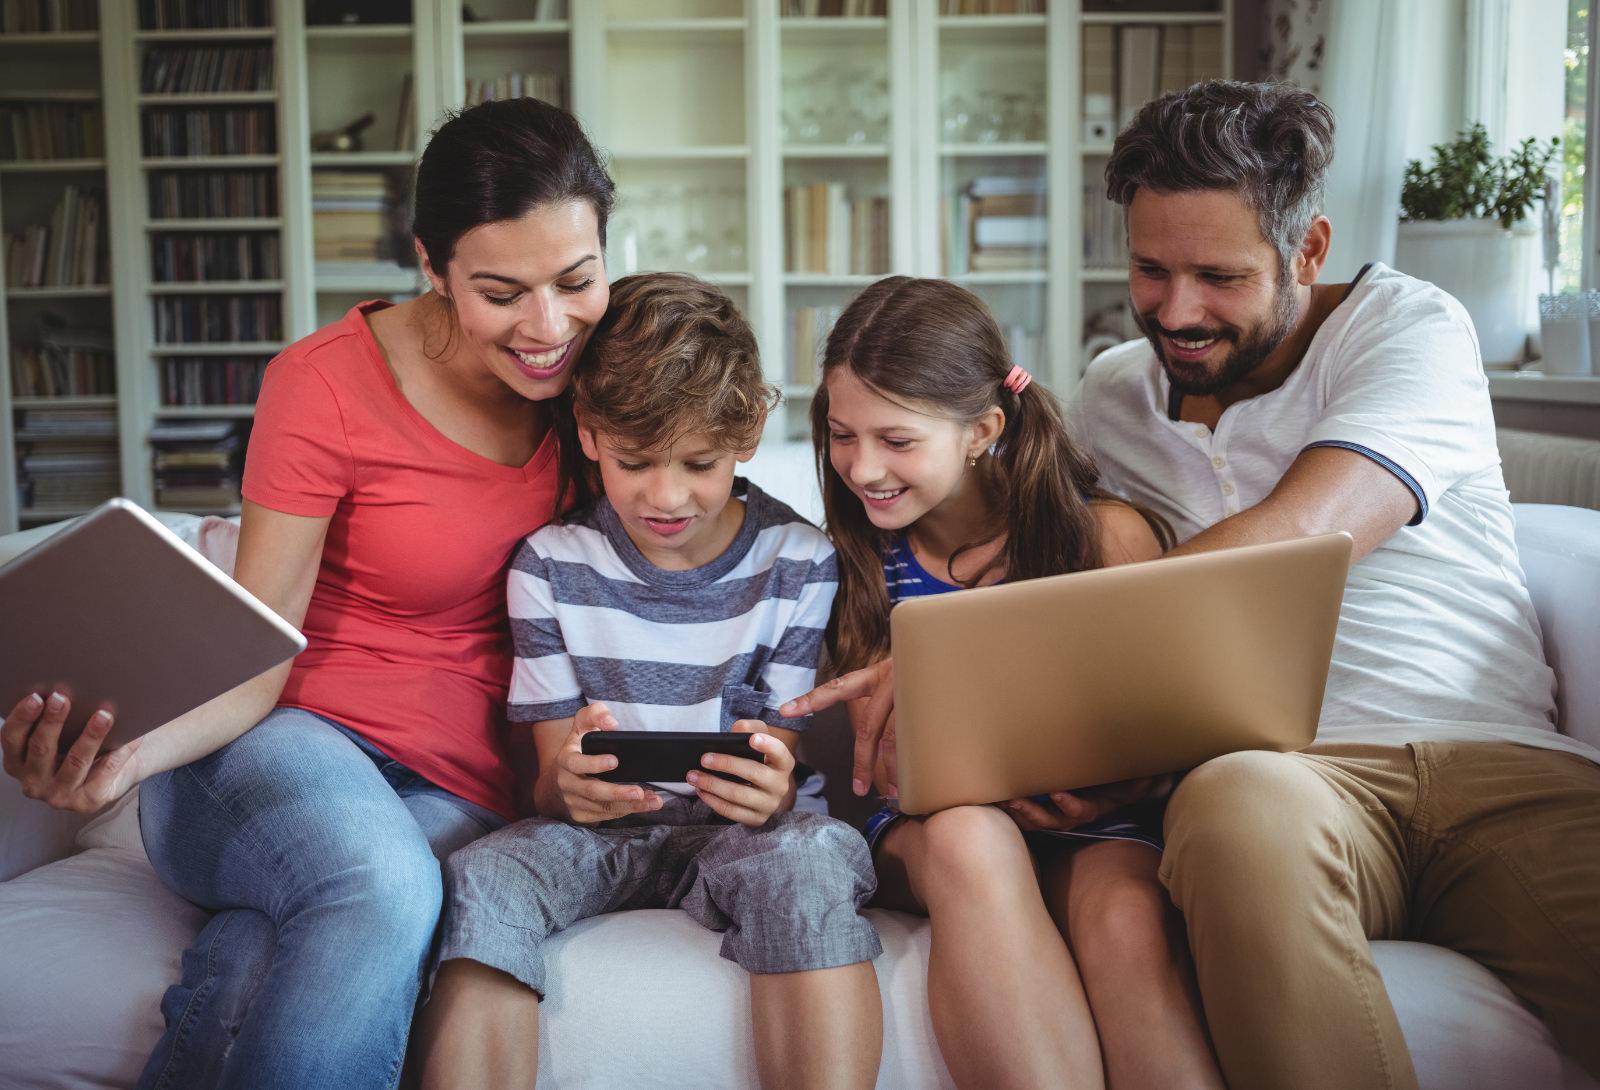 internet-plans-residential-family-on-sof